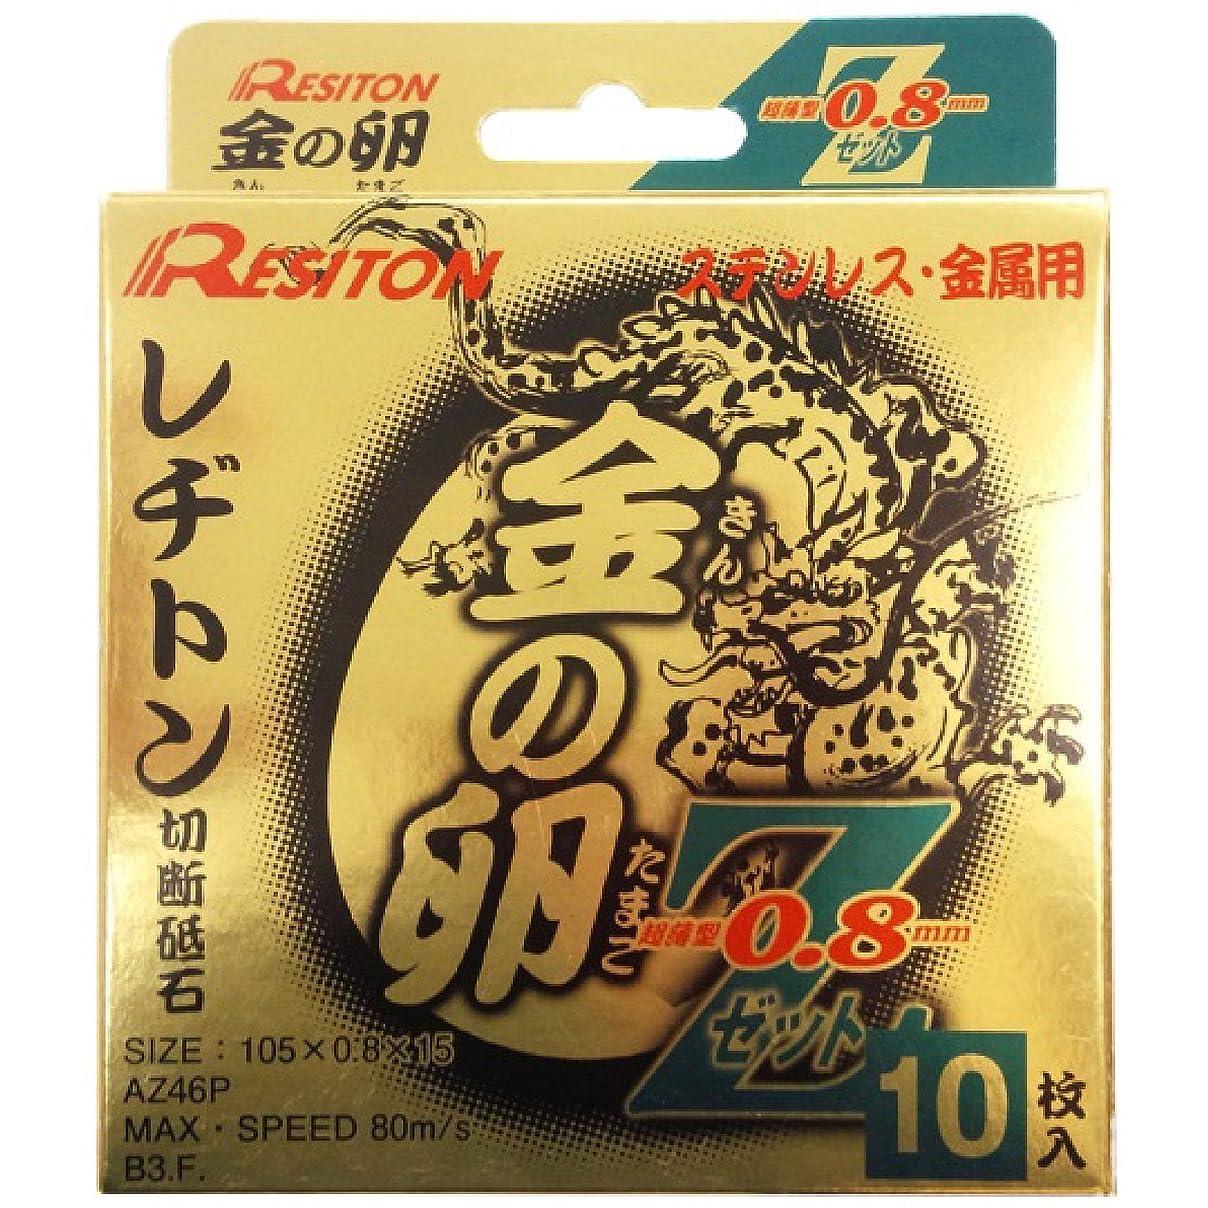 ブリッジ削る広範囲レヂトン 金の卵Z 0.8 105×0.8×15 AZ46P 【お徳用10枚セット】 (ステンレス?金属用)